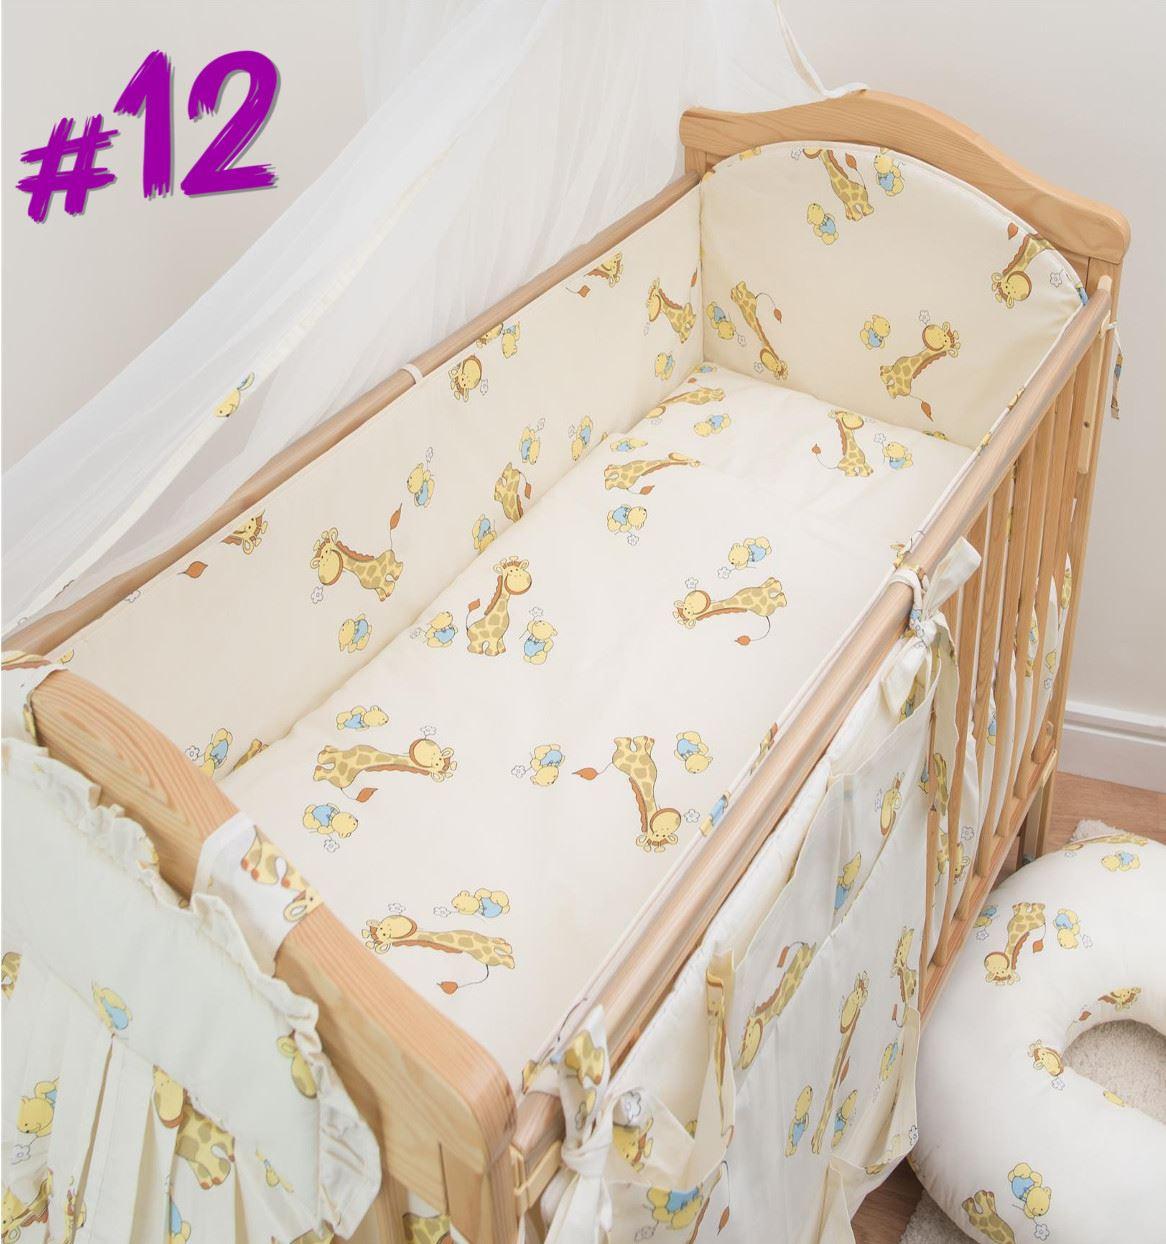 3 teile kinderzimmer kinderbett bettw sche set mit gro en rundum safety nestchen ebay. Black Bedroom Furniture Sets. Home Design Ideas